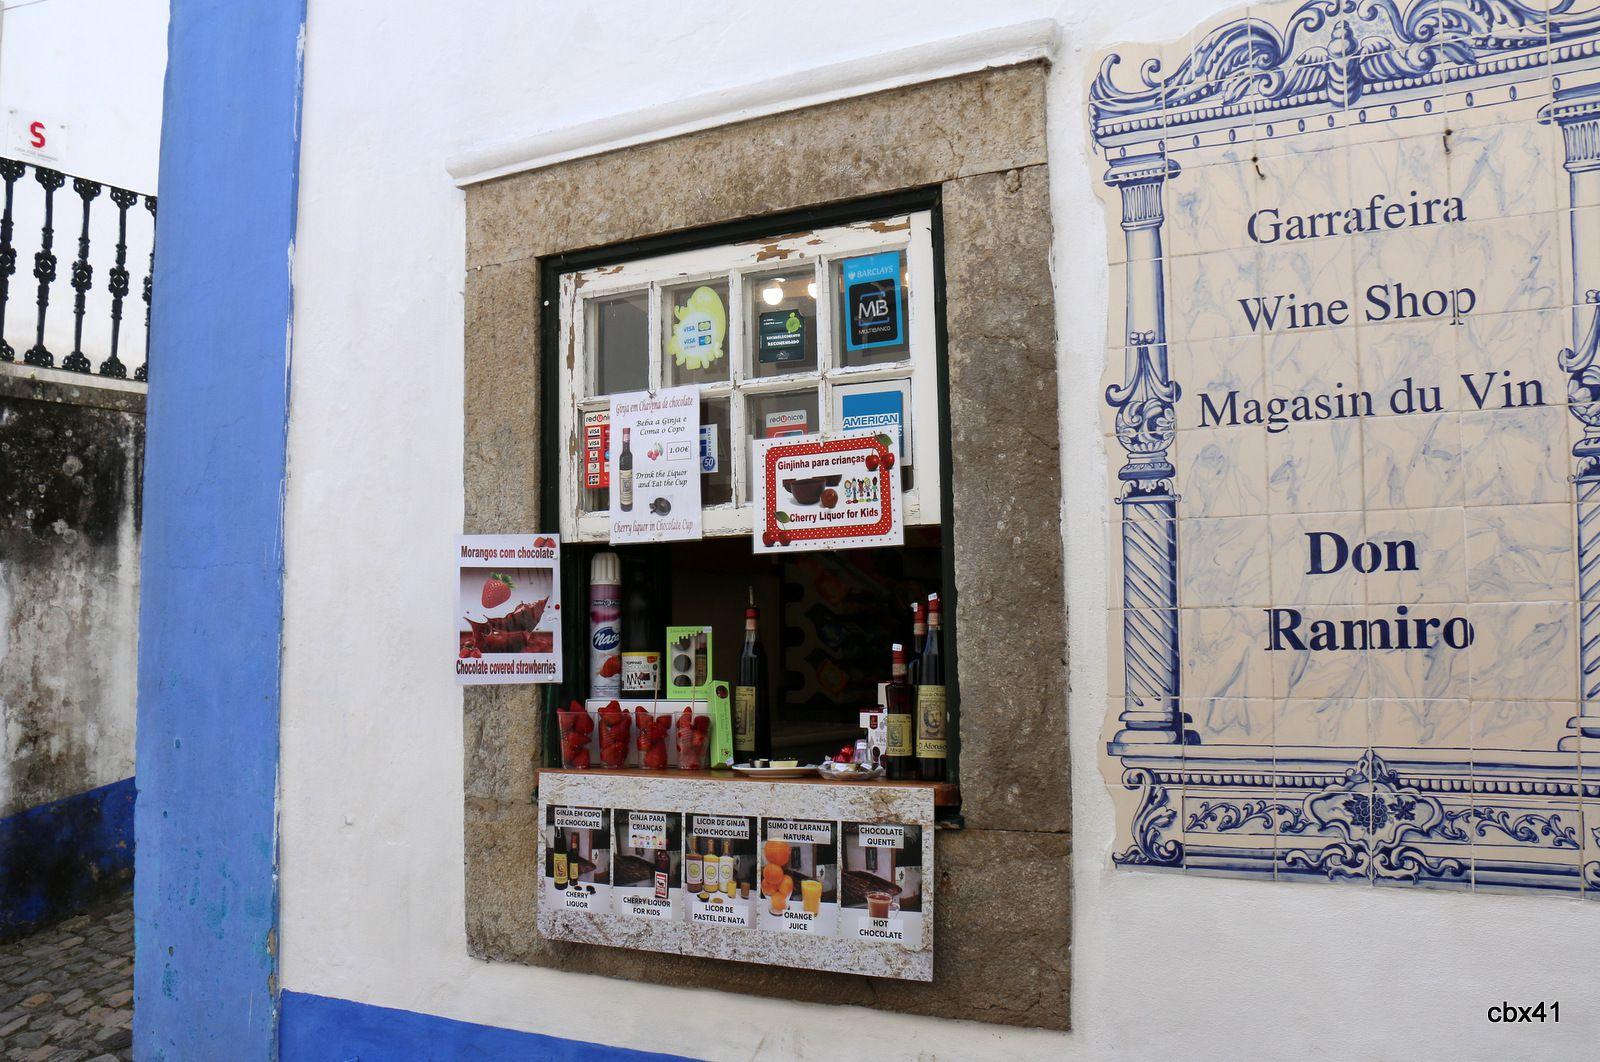 Restauration et commerces de bouche, Obidos (Portugal)